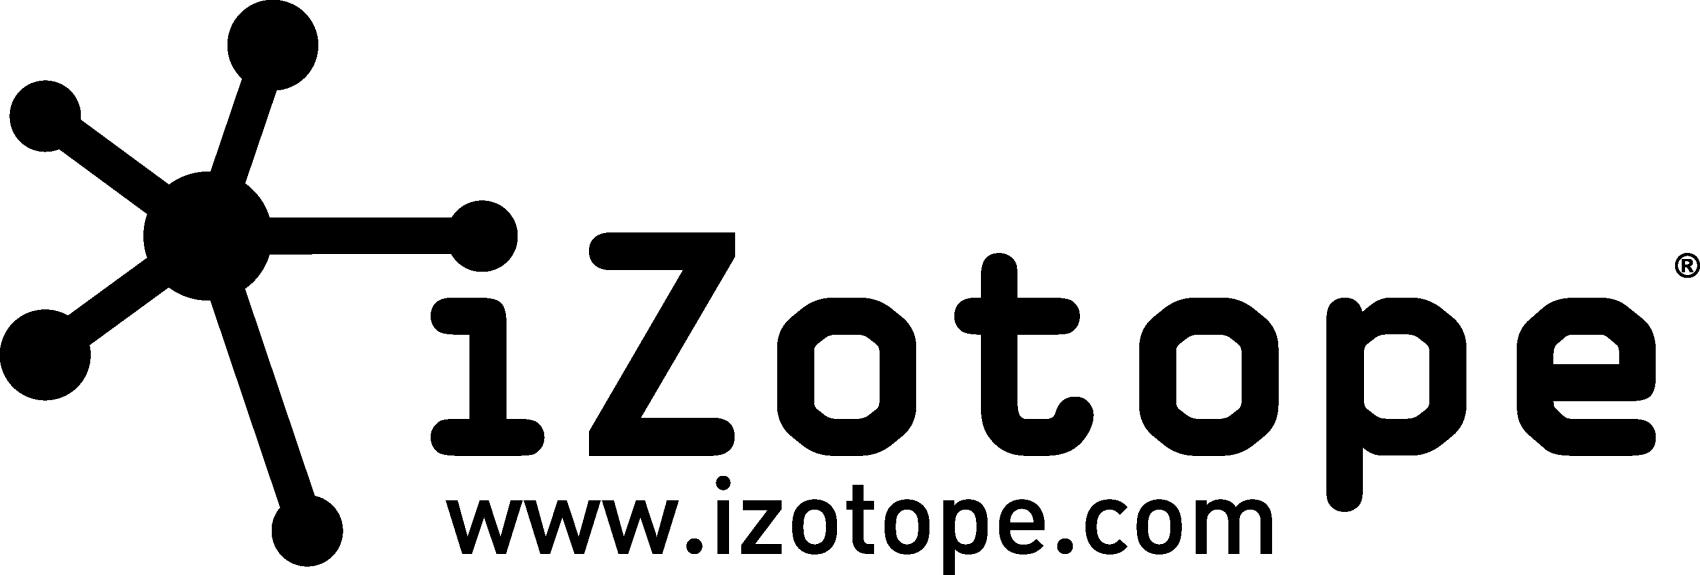 izotope-logo-url-black